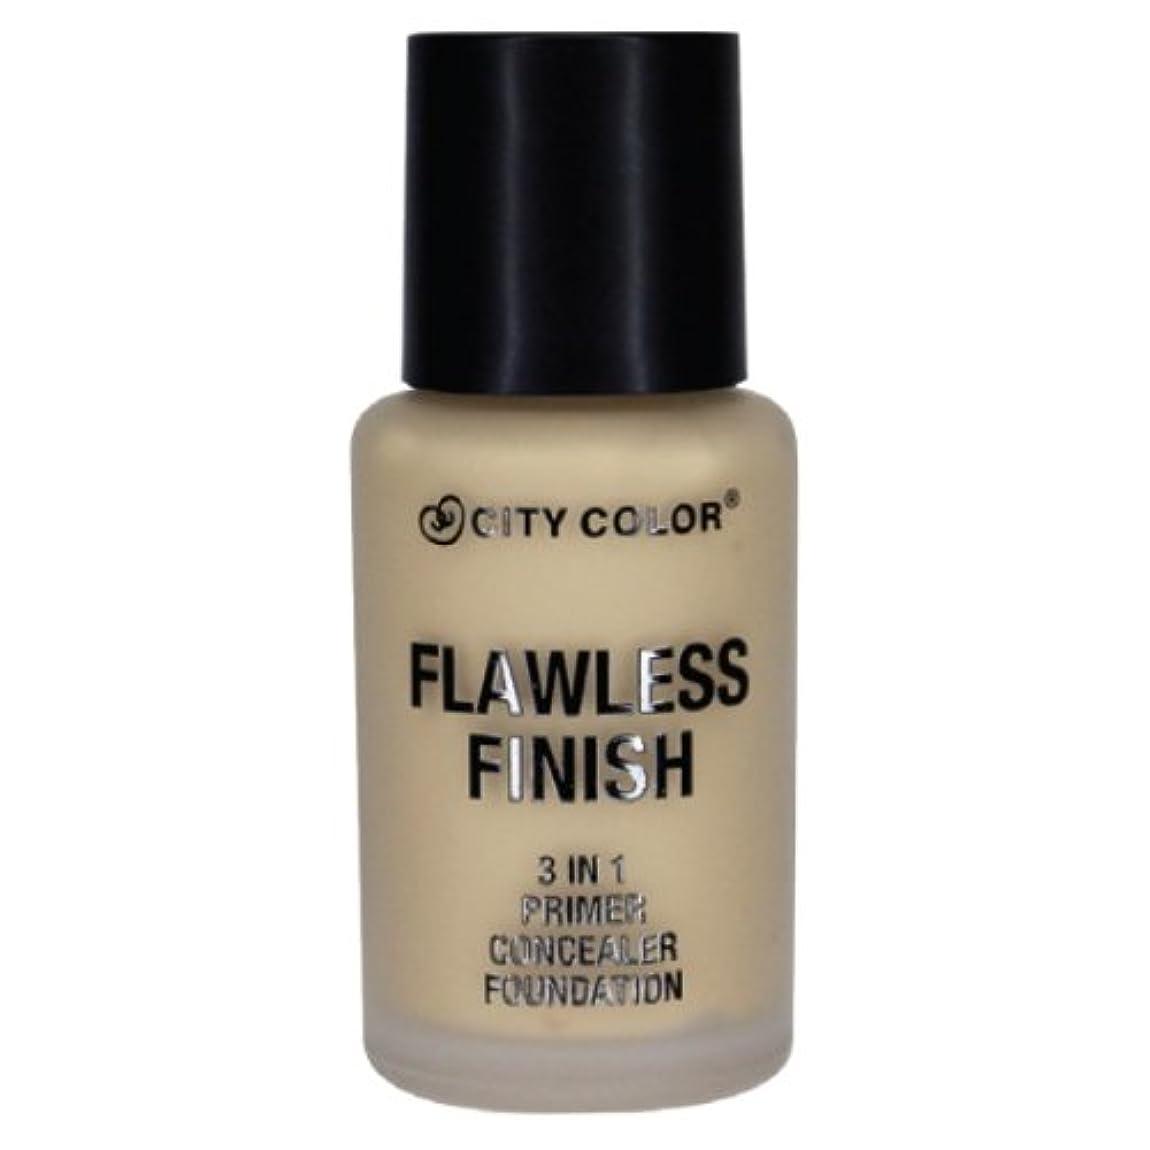 CITY COLOR Flawless Finish 3 In 1 Primer, Concealer Foundation - Soft Beige (並行輸入品)